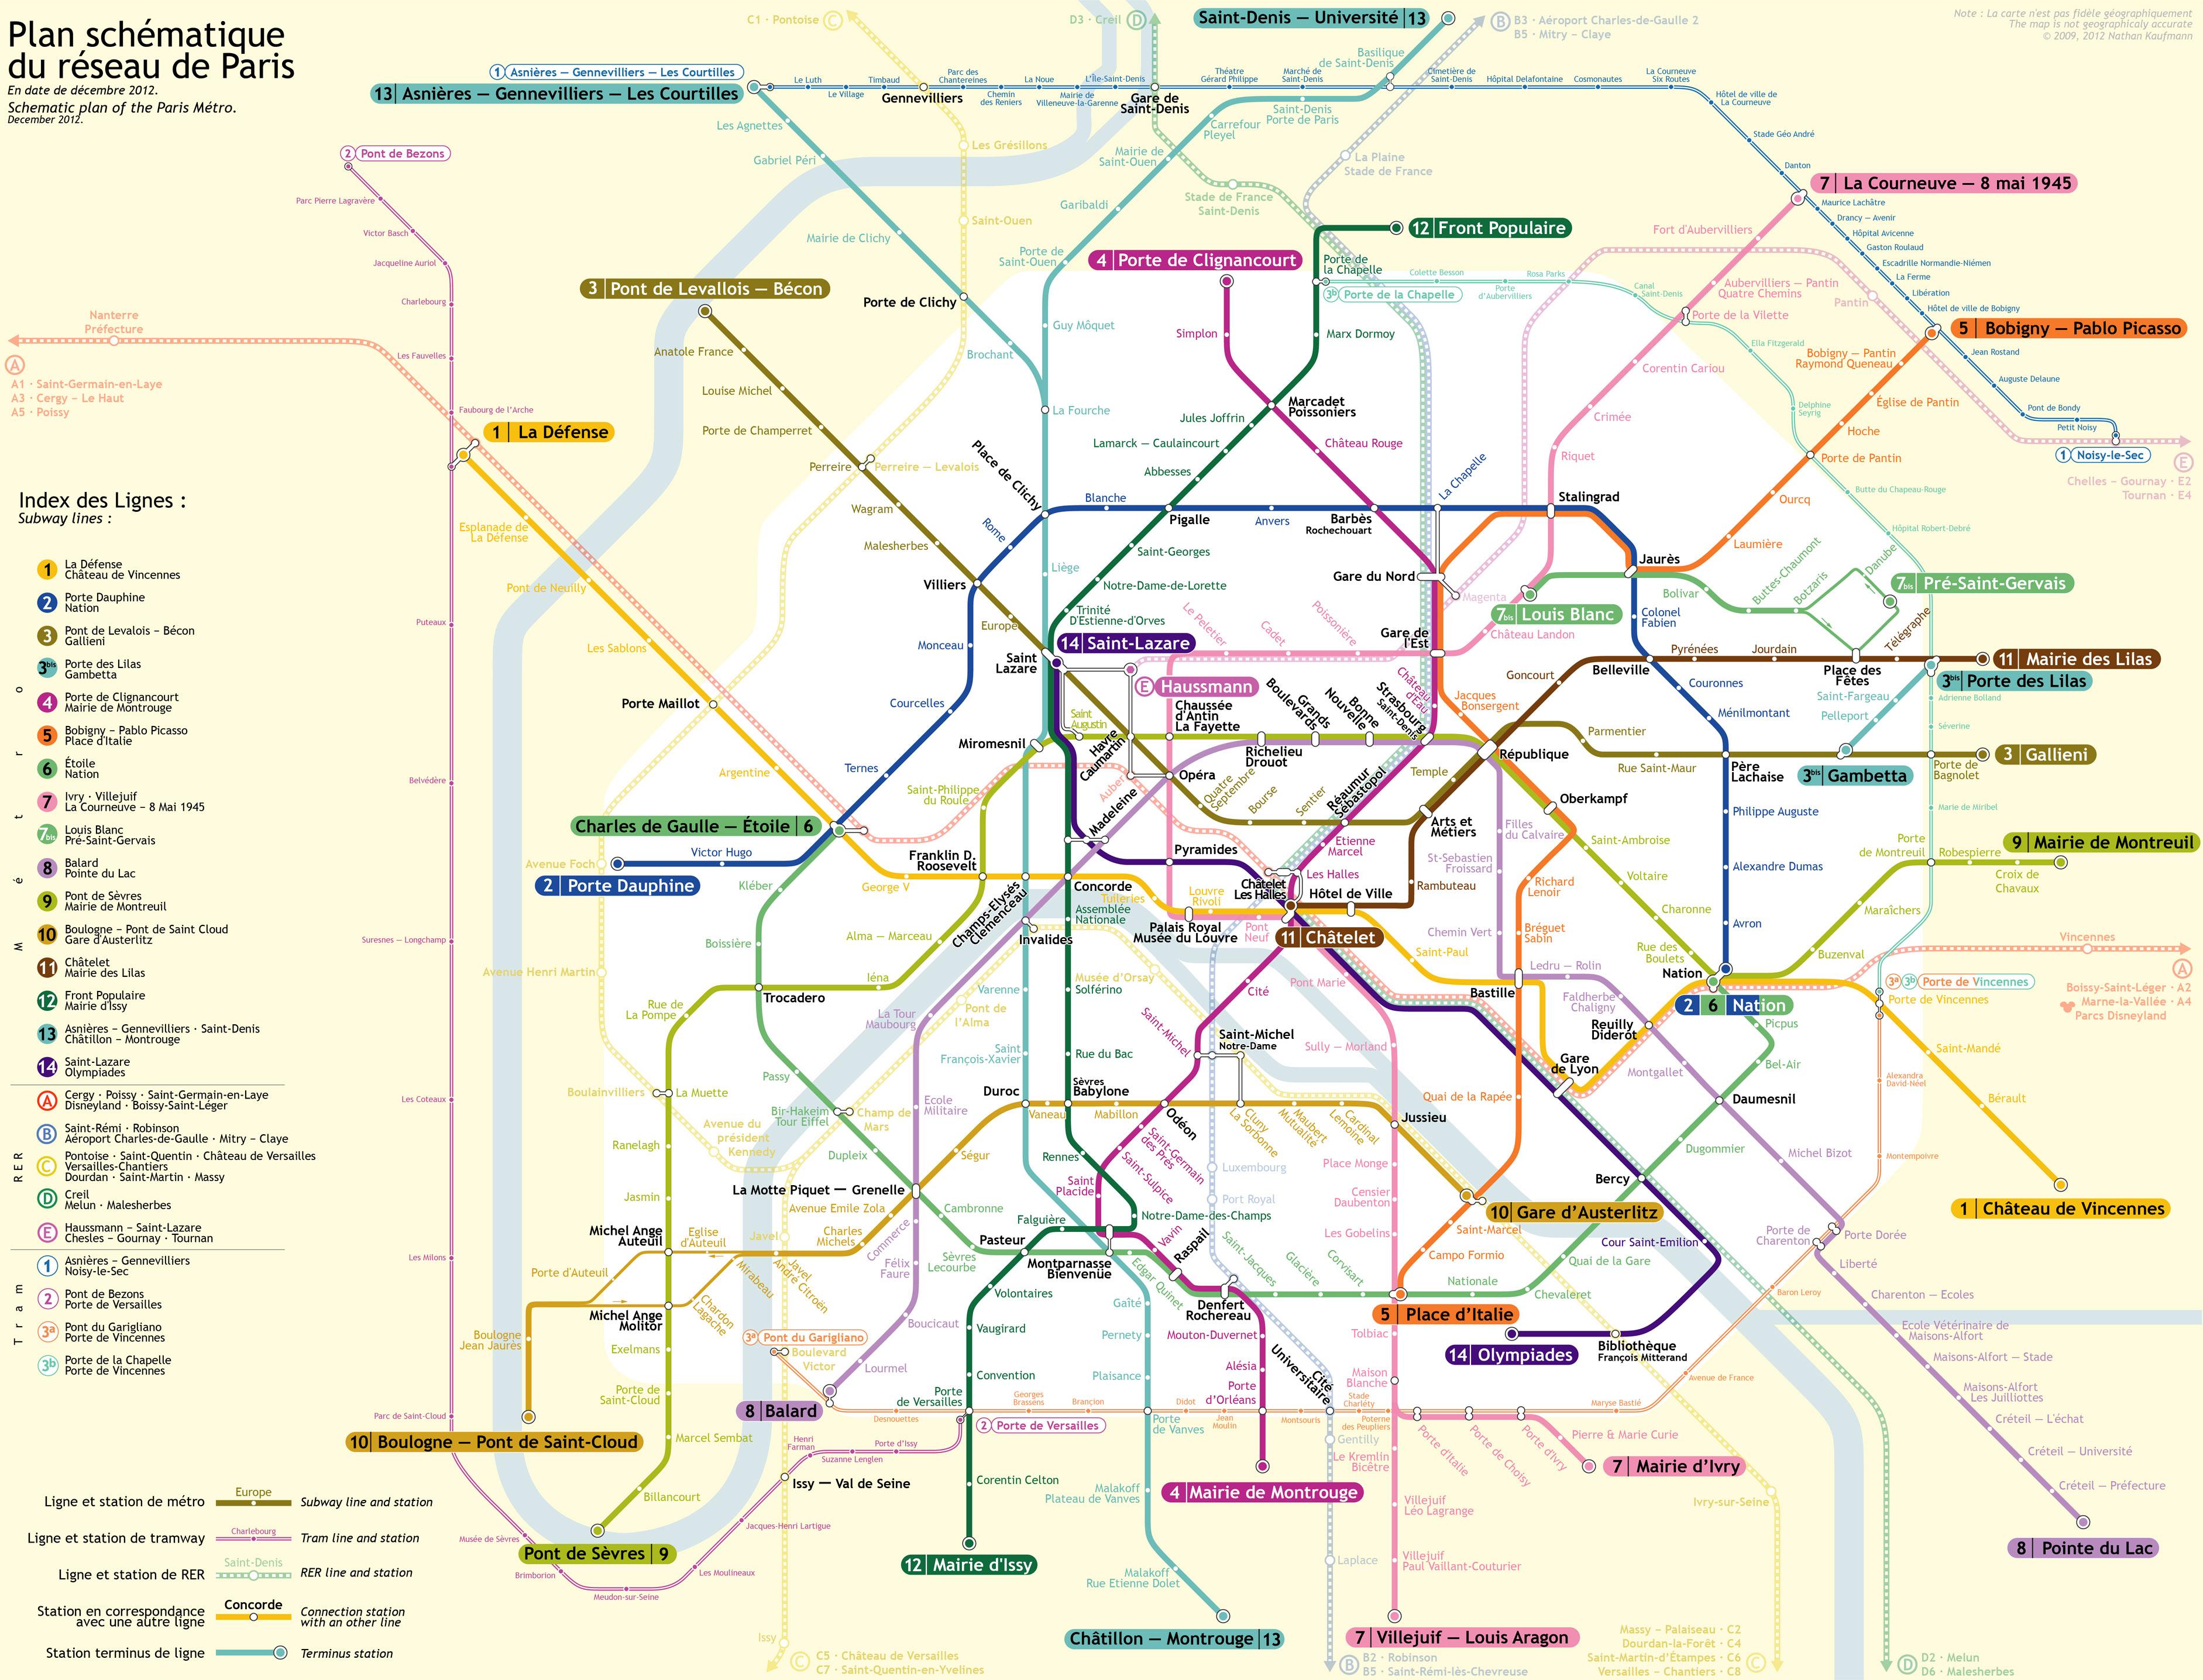 схема проезда на rer в диснейленд из центра парижа